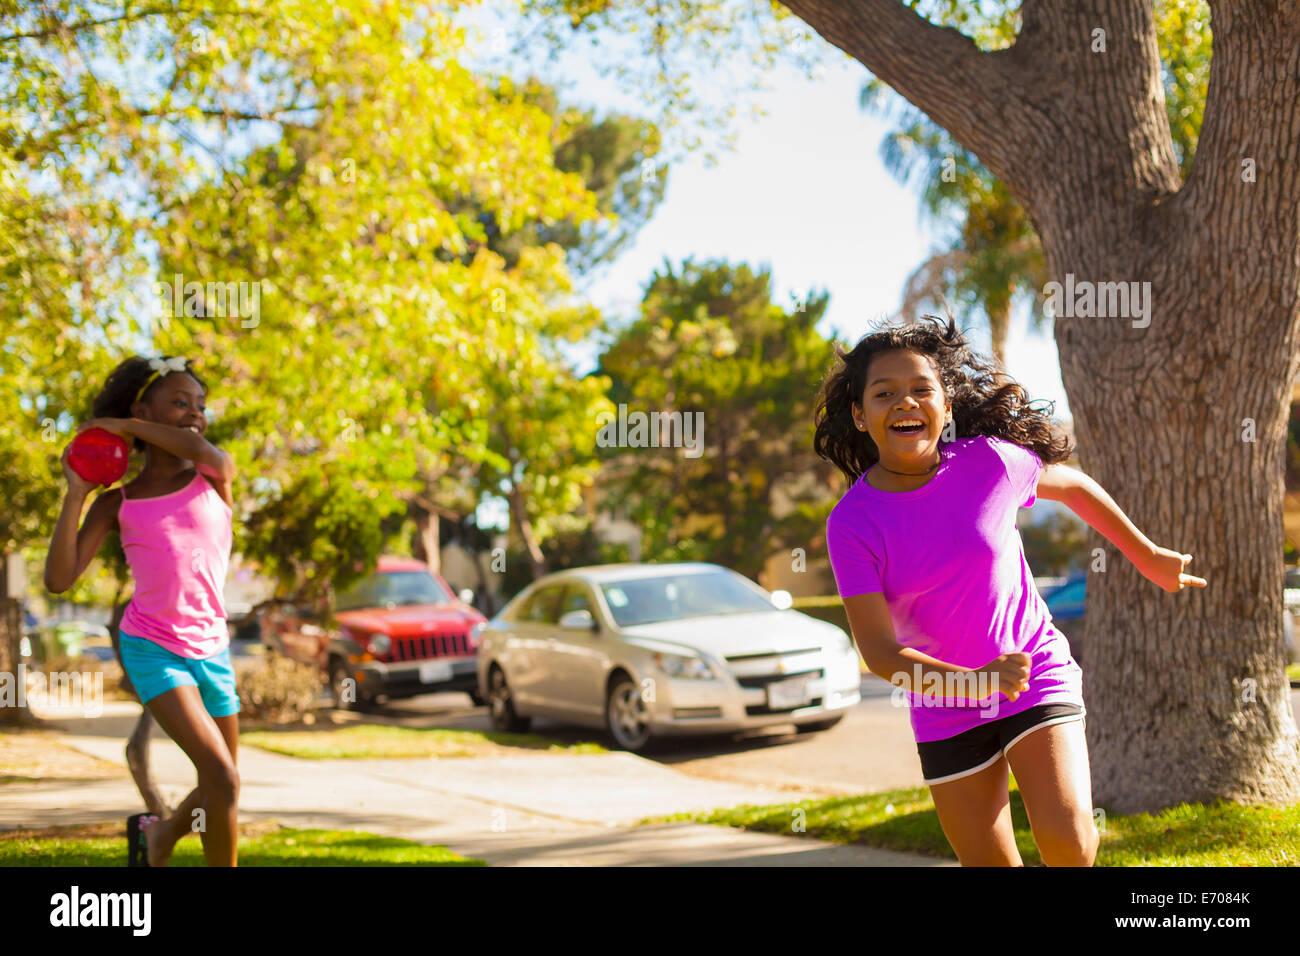 Mädchen jagen Freund mit Wasser gefüllten Ballons auf Straße Stockbild